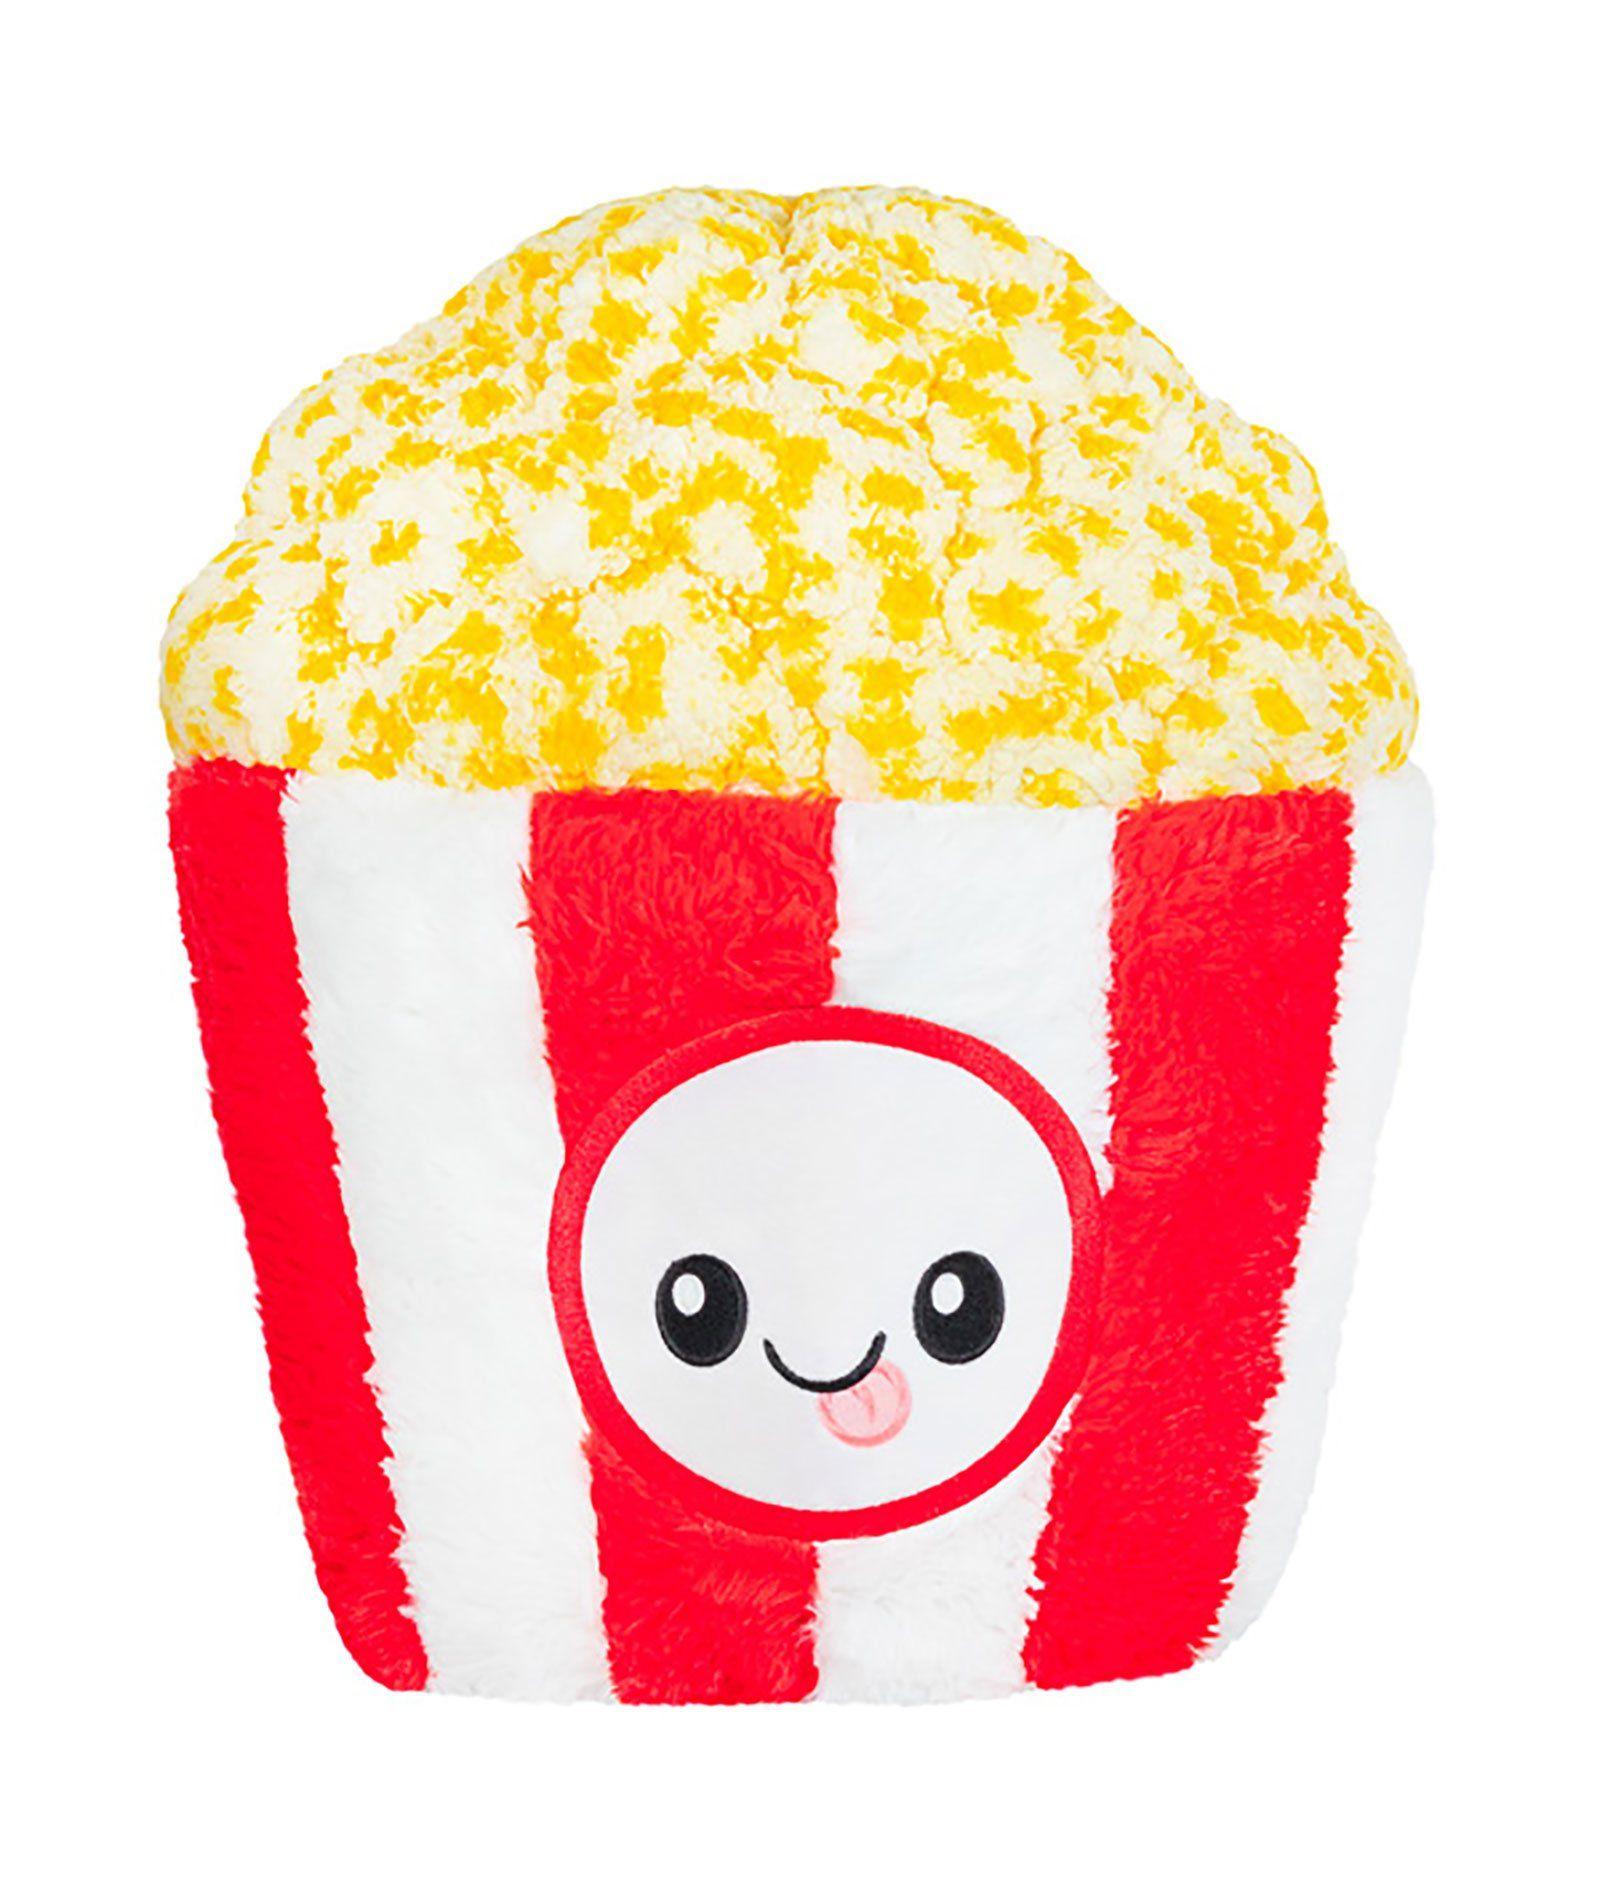 Squishable Popcorn - Default Title